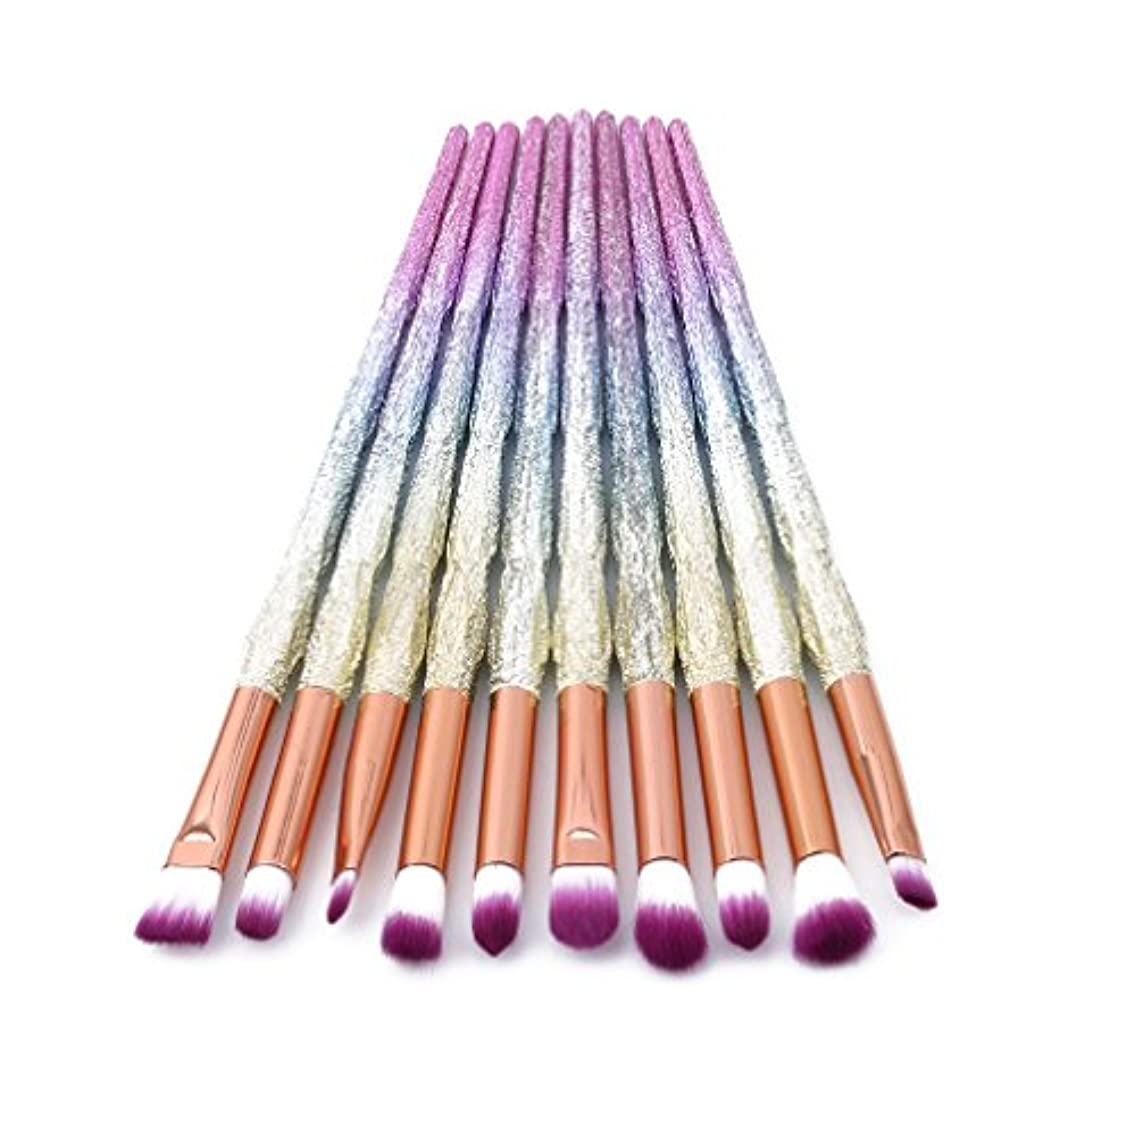 配管原稿走るHonel メイクブラシ 化粧筆 アイシャドウブラシ 10本セット